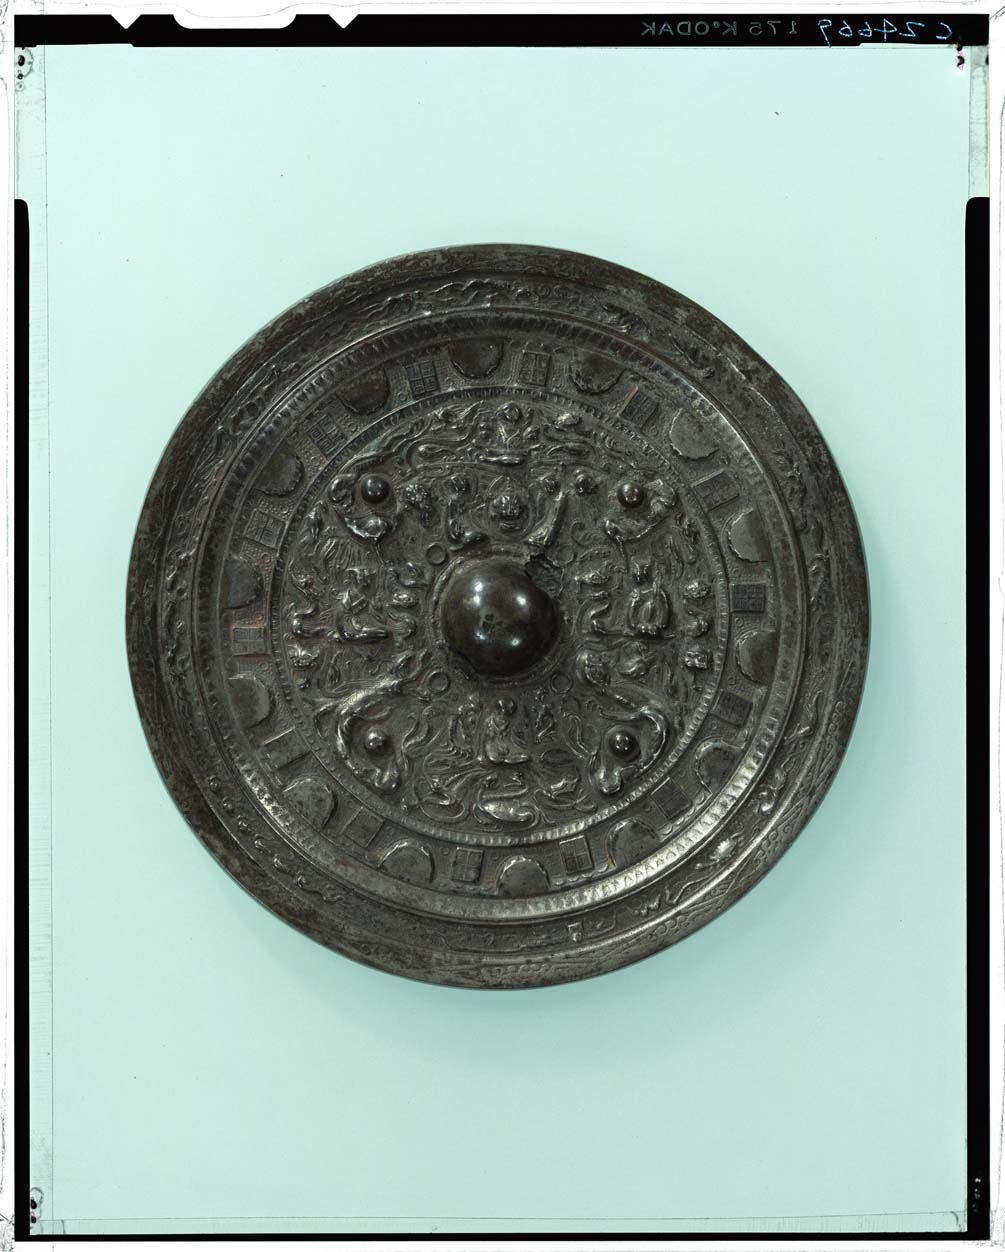 C0024669 同向式神獣鏡 - 東京国立博物館 画像検索